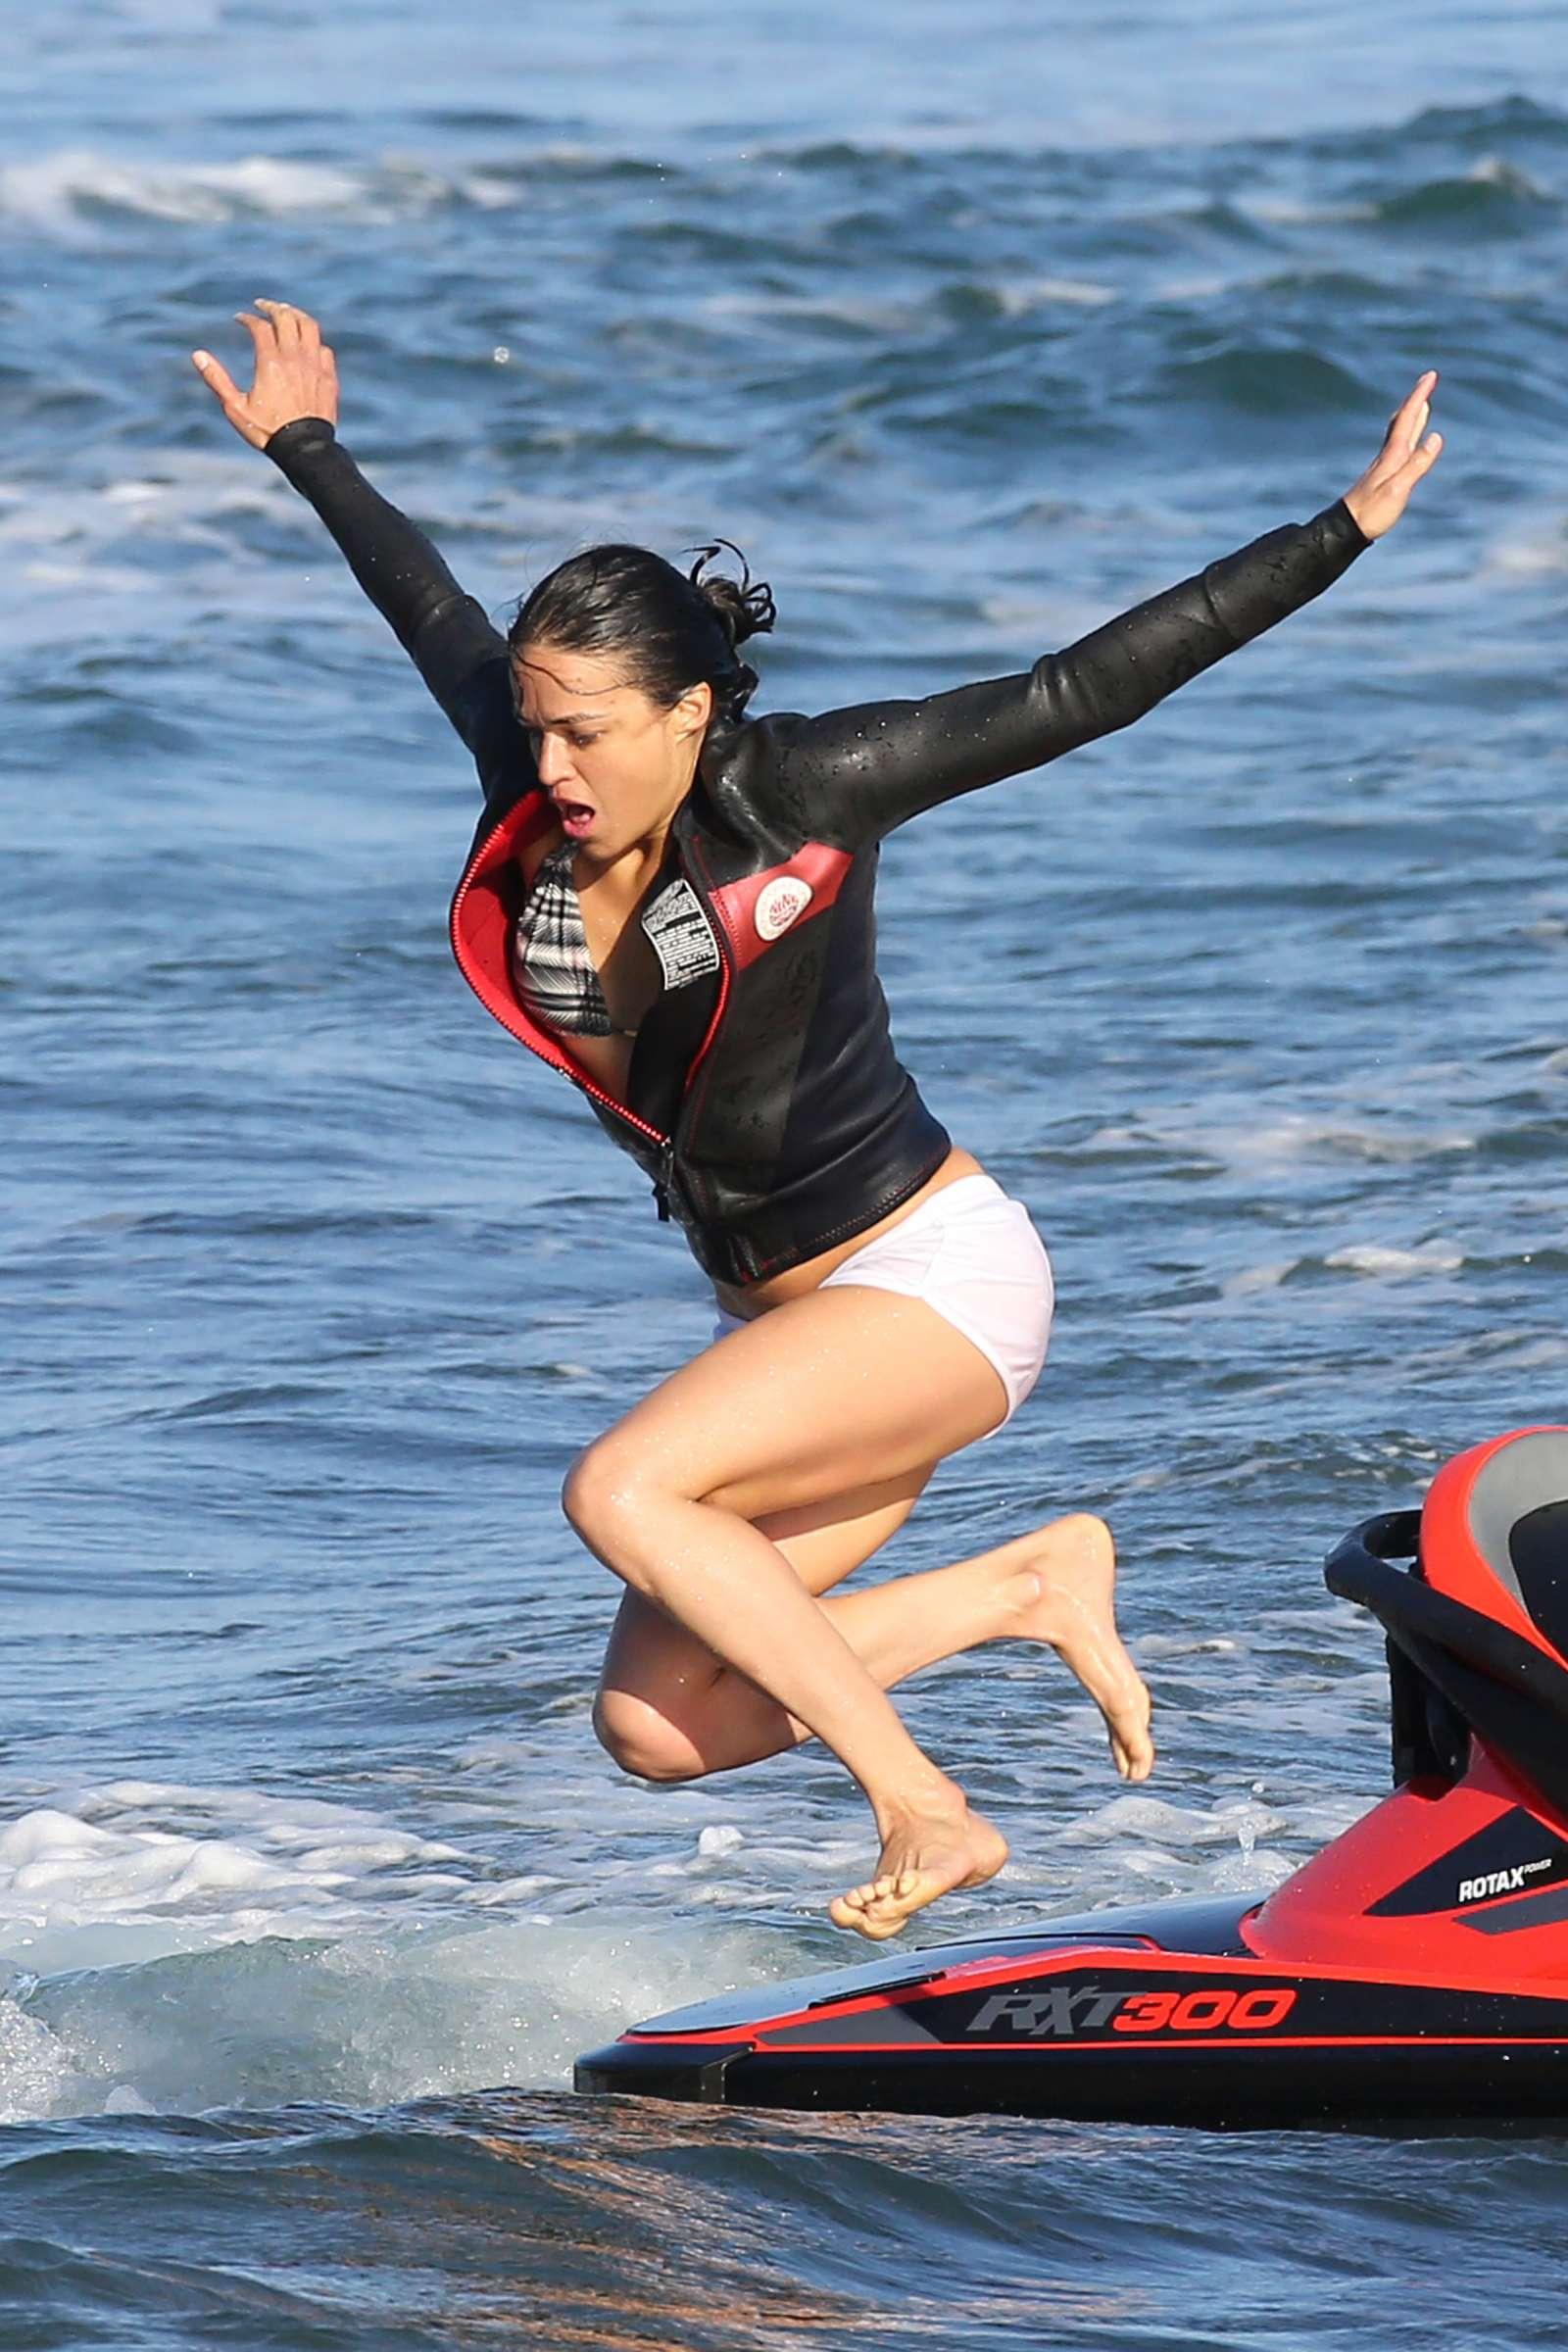 jetski bikini model Michelle Rodriguez in Bikini Paddleboarding in Sardinia